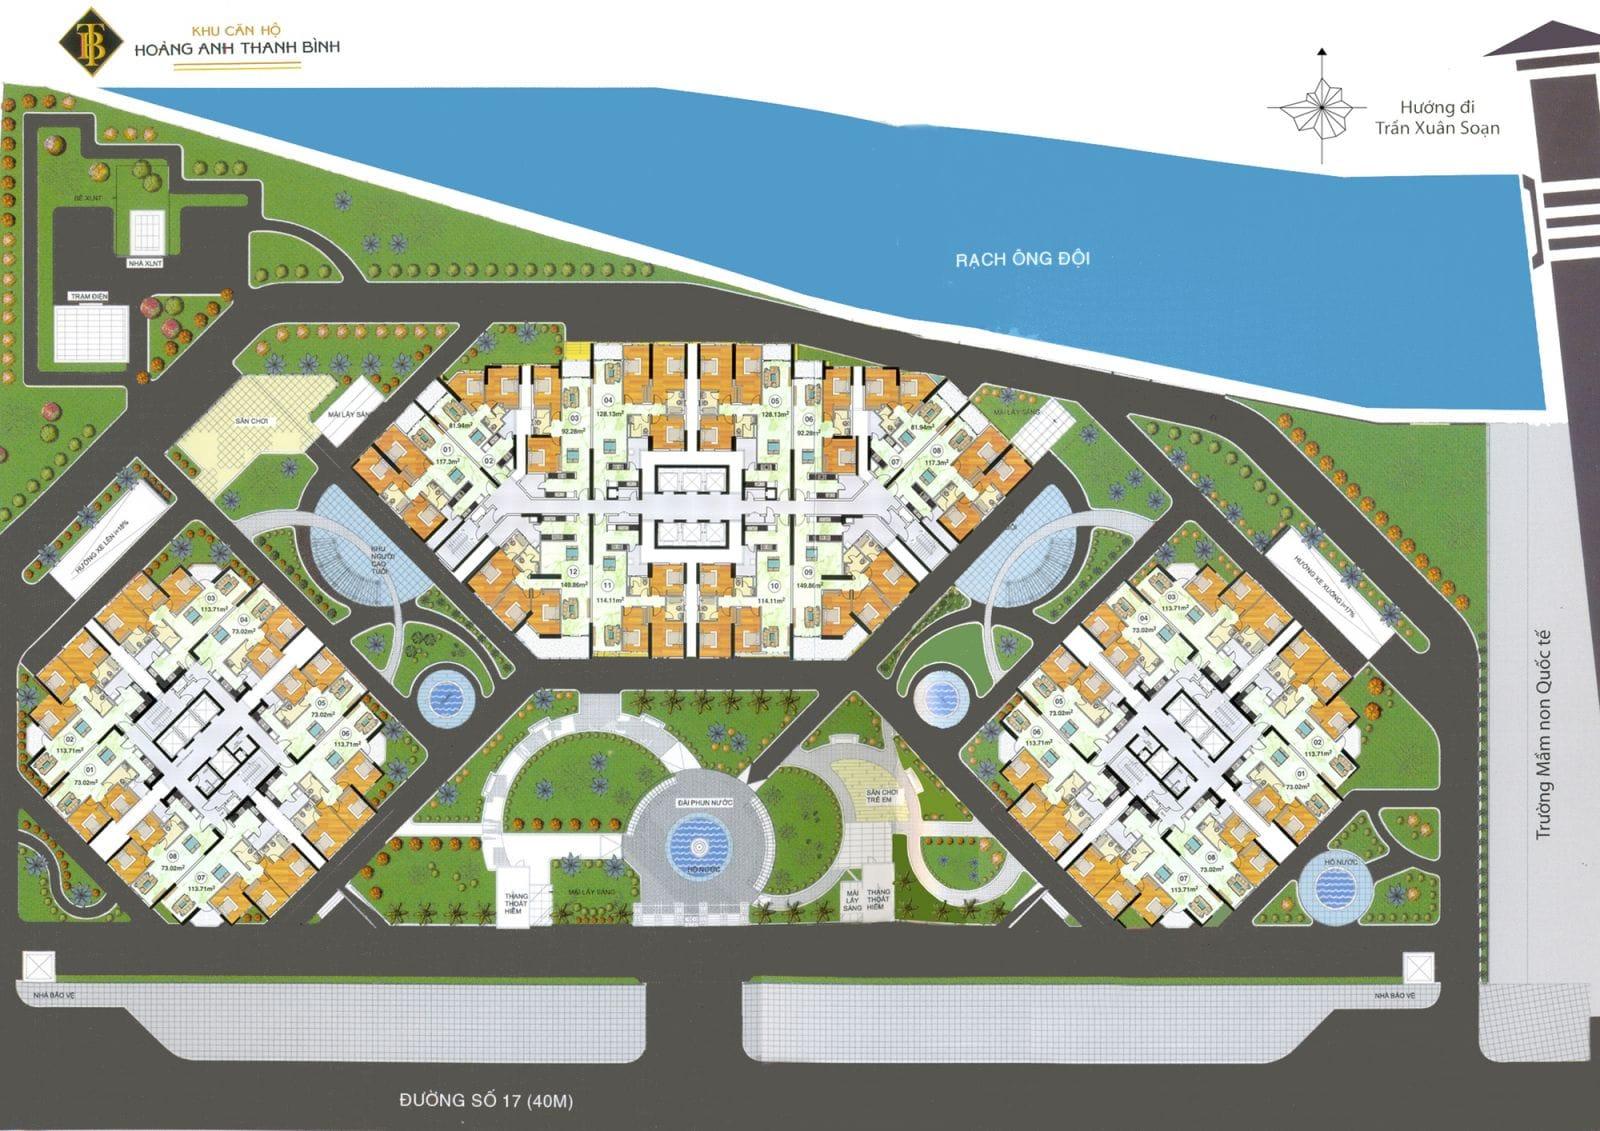 Mặt bằng dự án căn hộ Hoàng Anh Thanh Bình, một dự án căn hộ dưới 2 tỷ ở quận 7